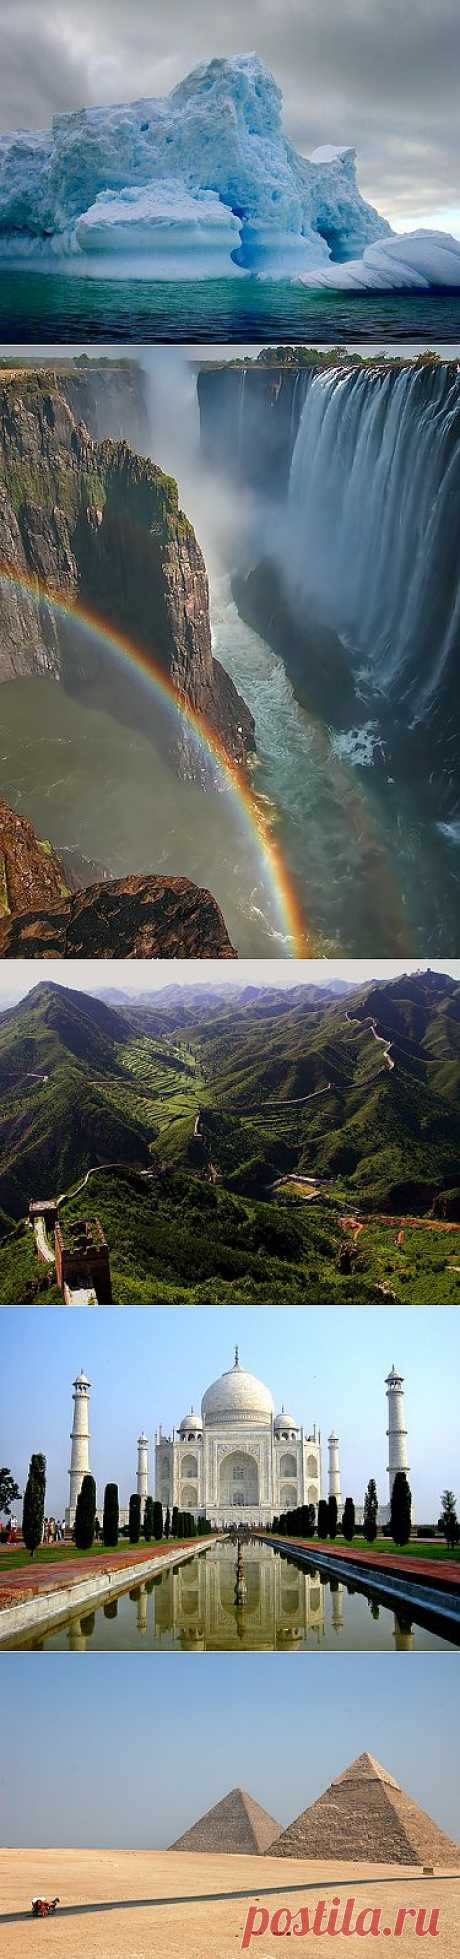 Фото 100 самых красивых мест планеты.